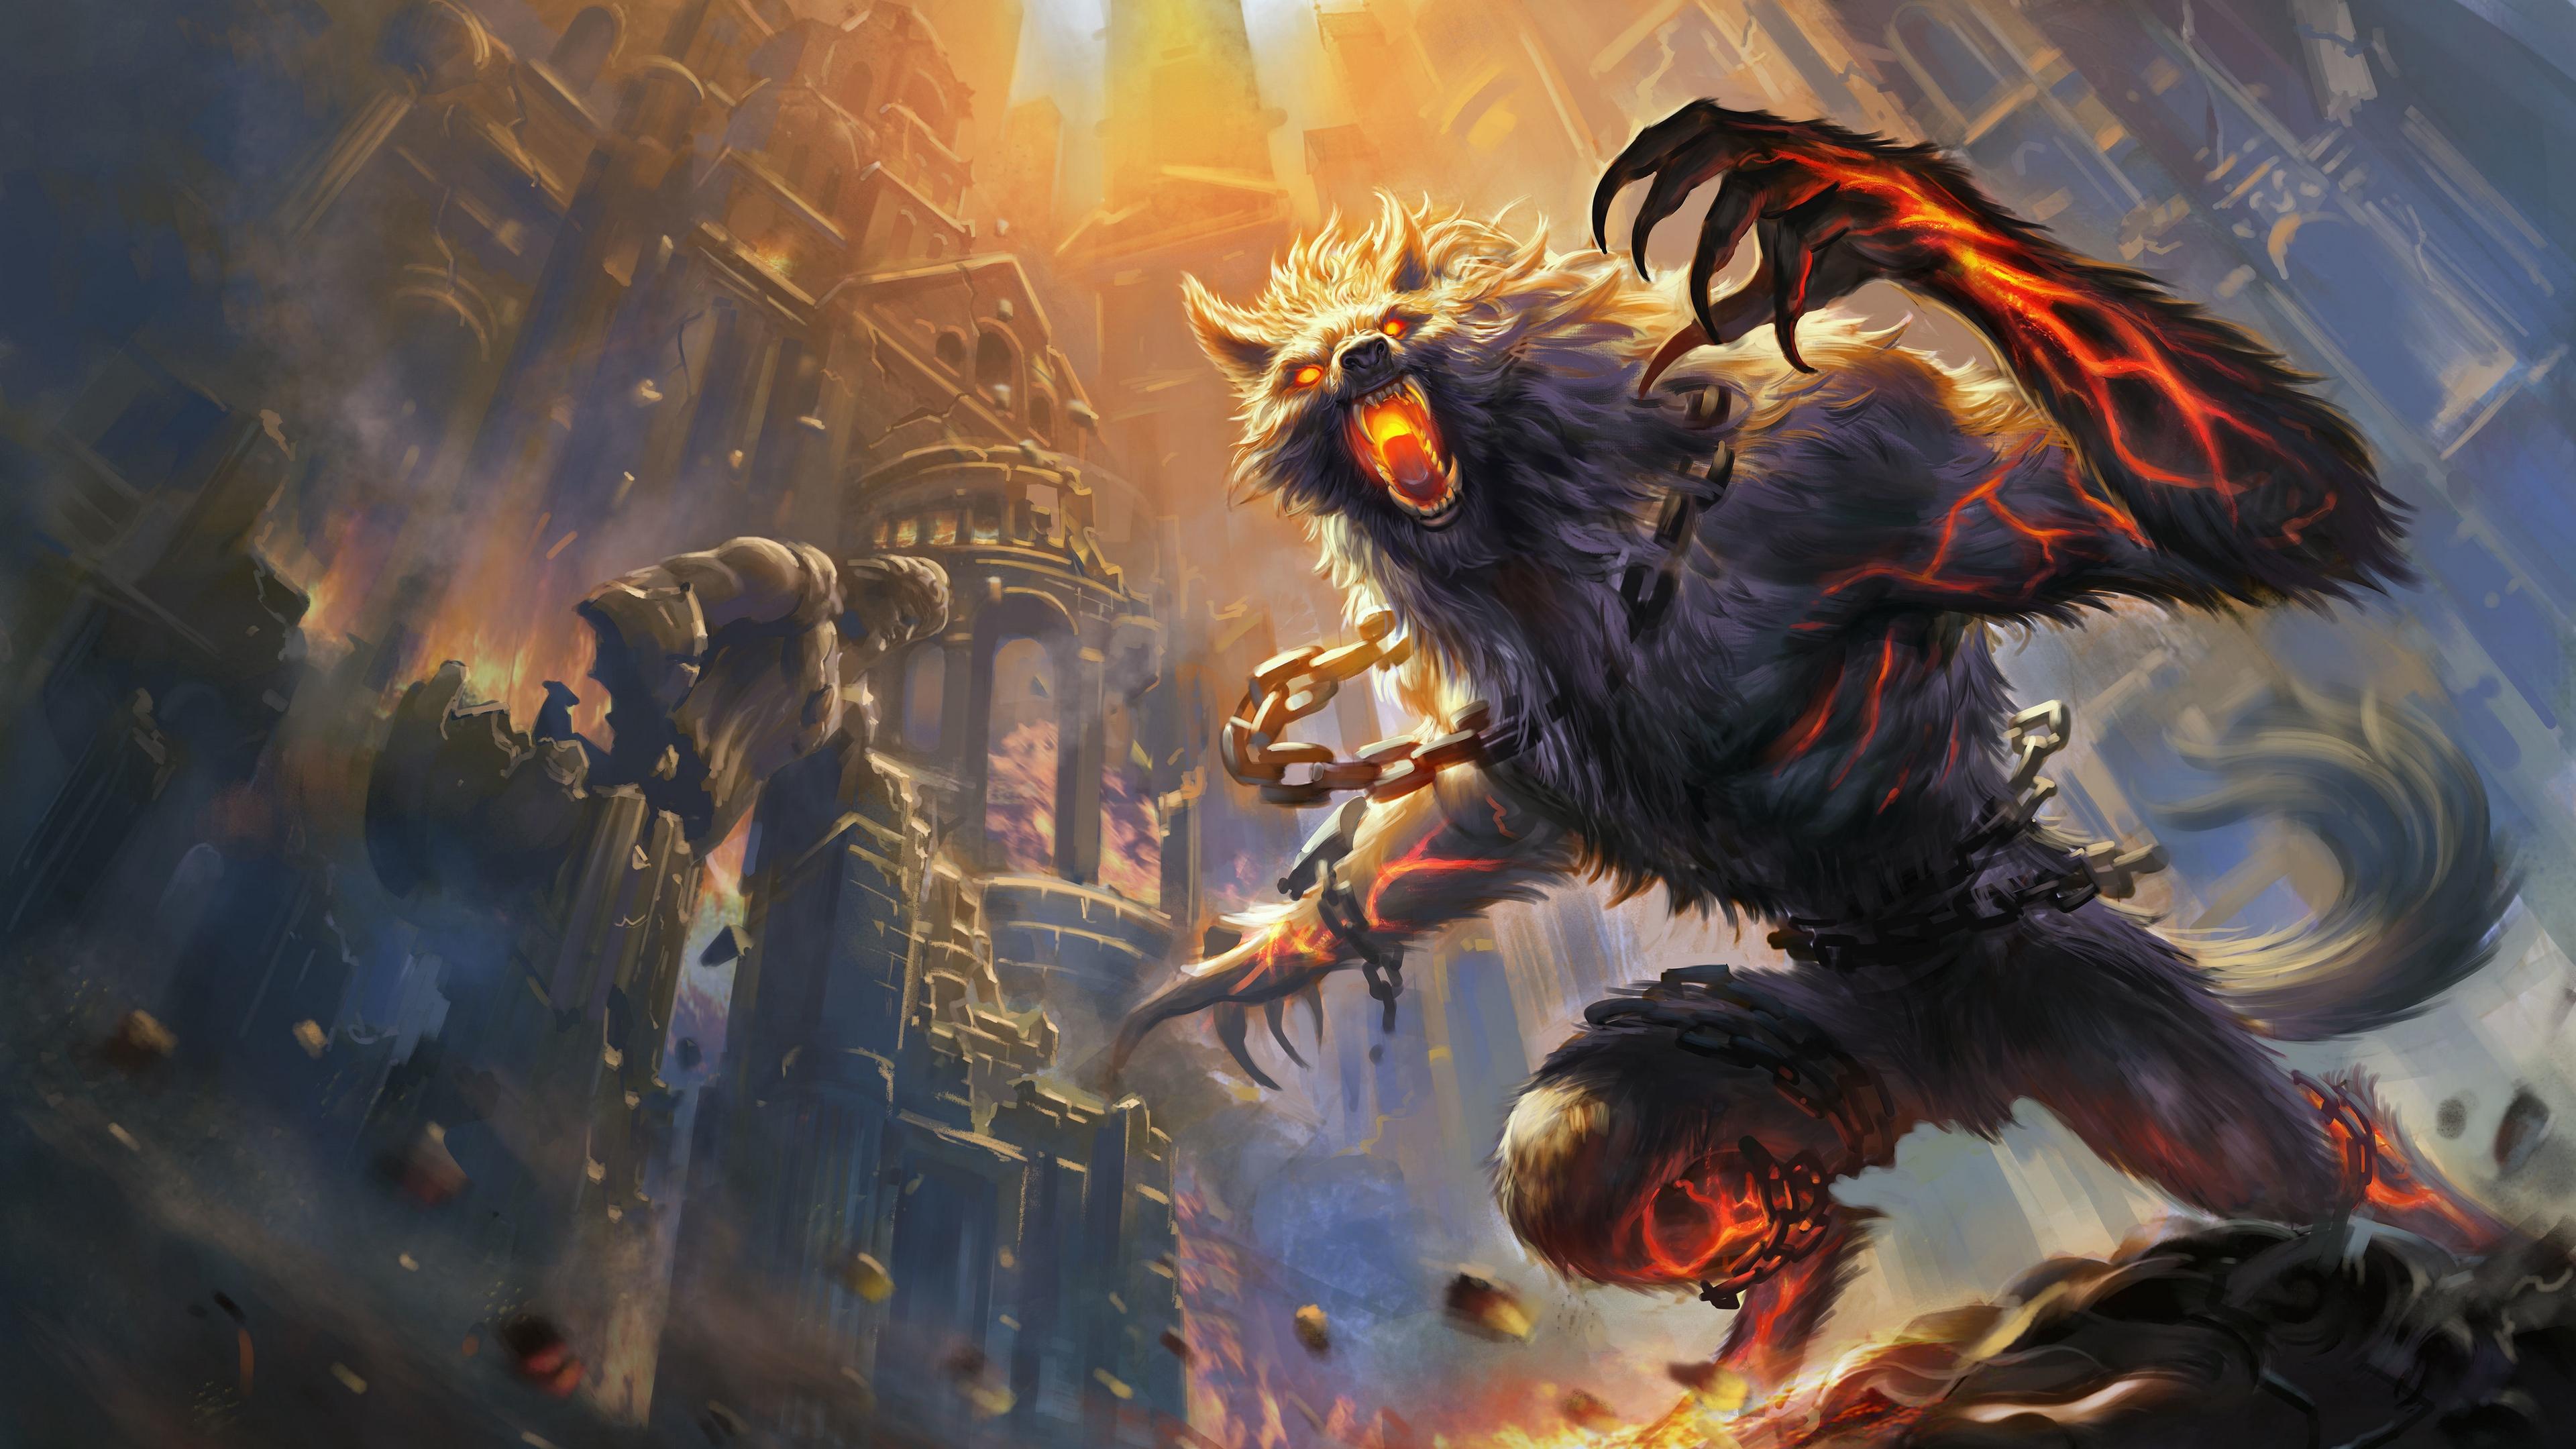 smite werewolf castle fire art 4k 1538944946 - smite, werewolf, castle, fire, art 4k - werewolf, Smite, Castle